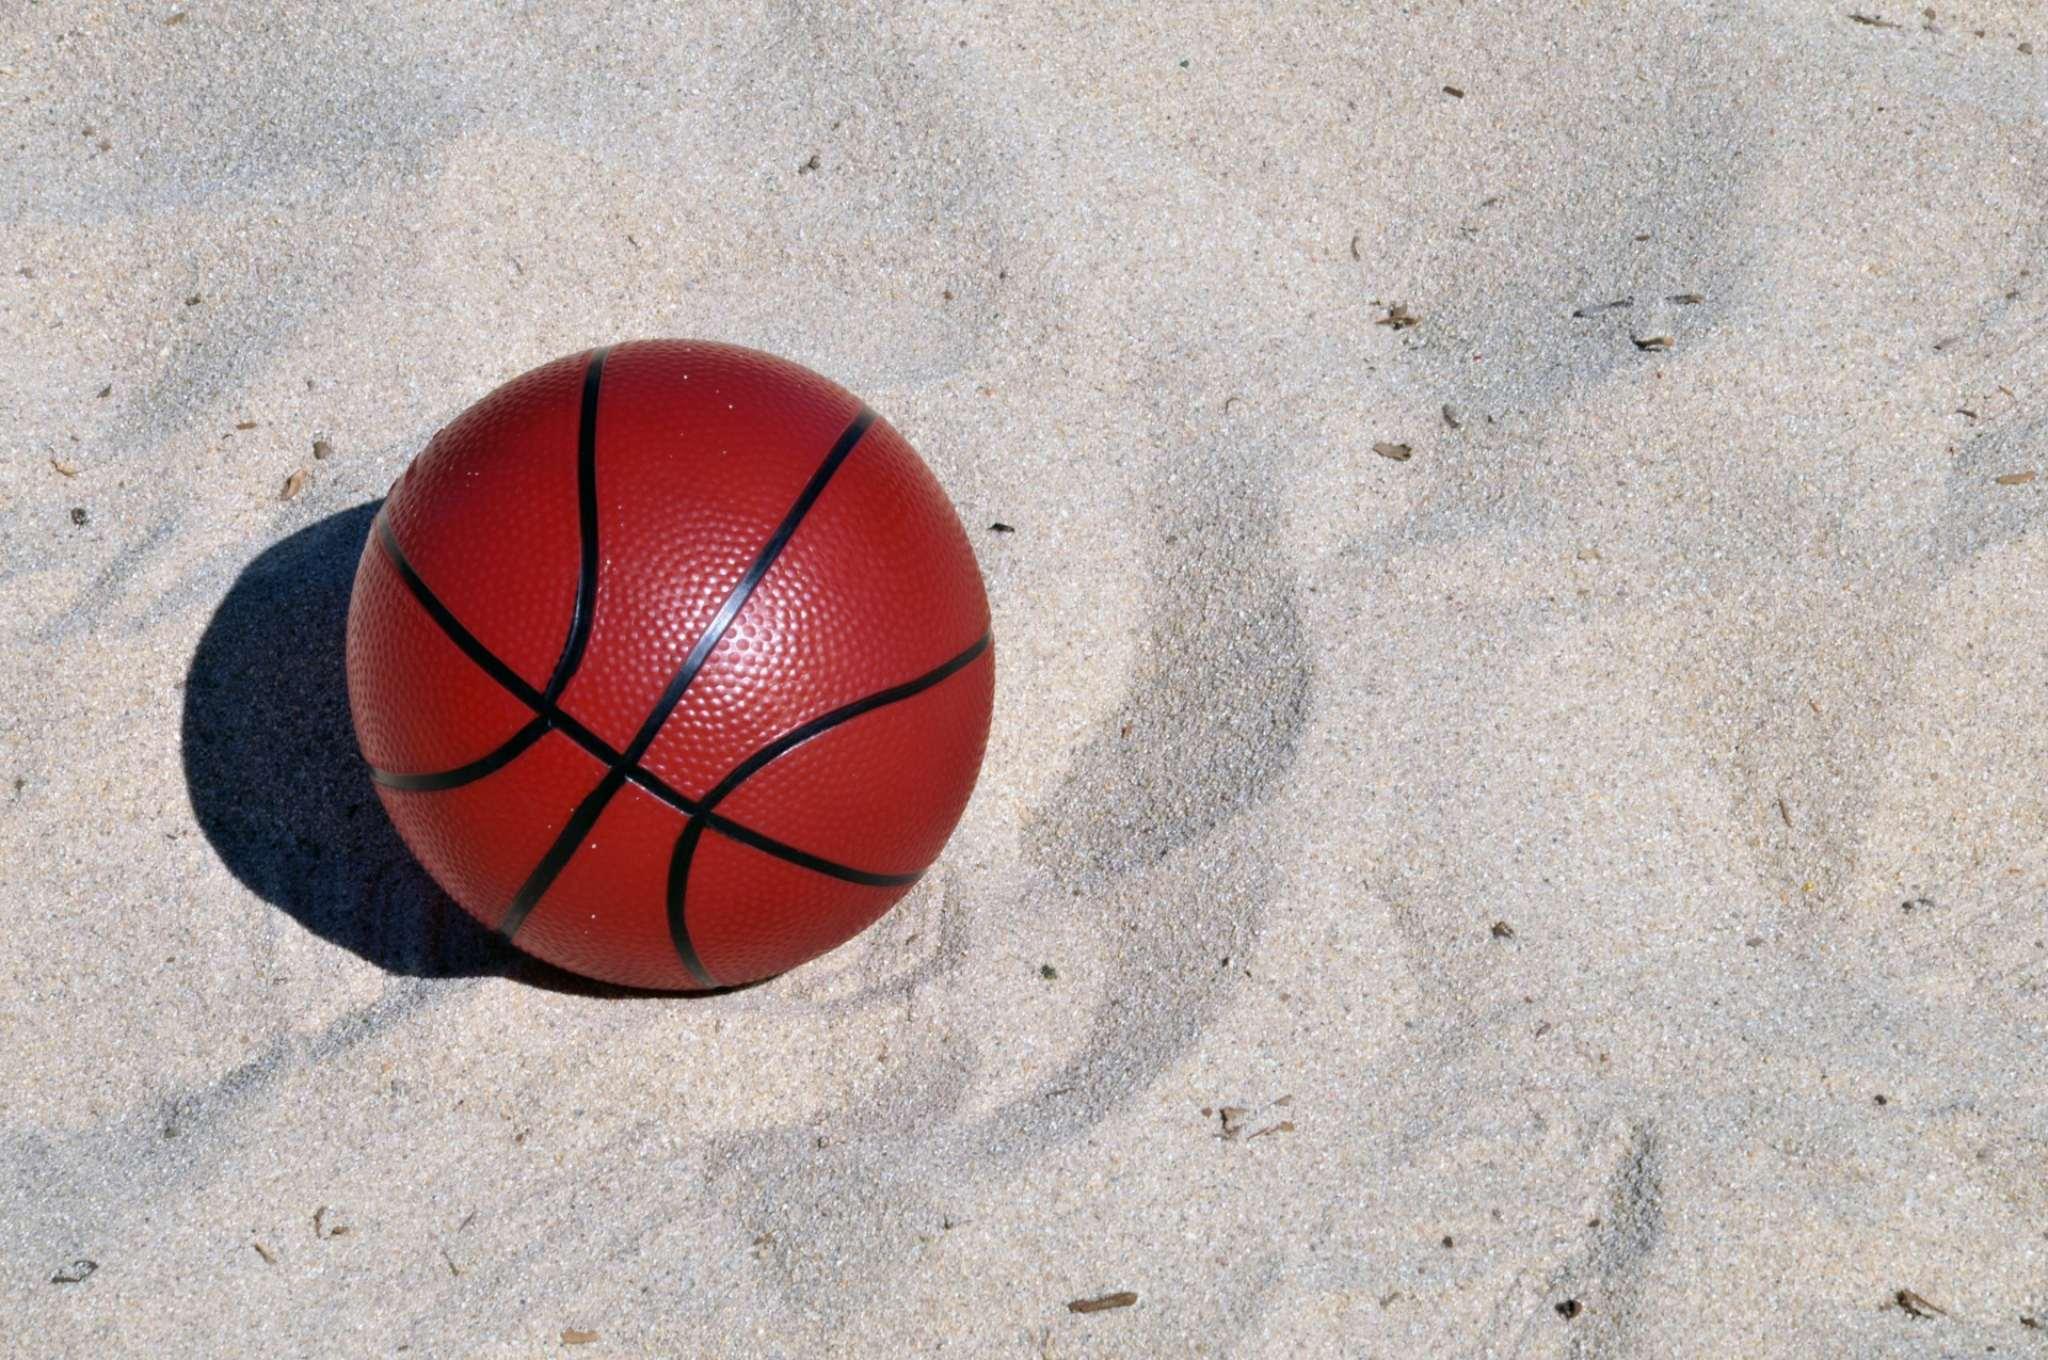 Perché la palla da basket è arancione